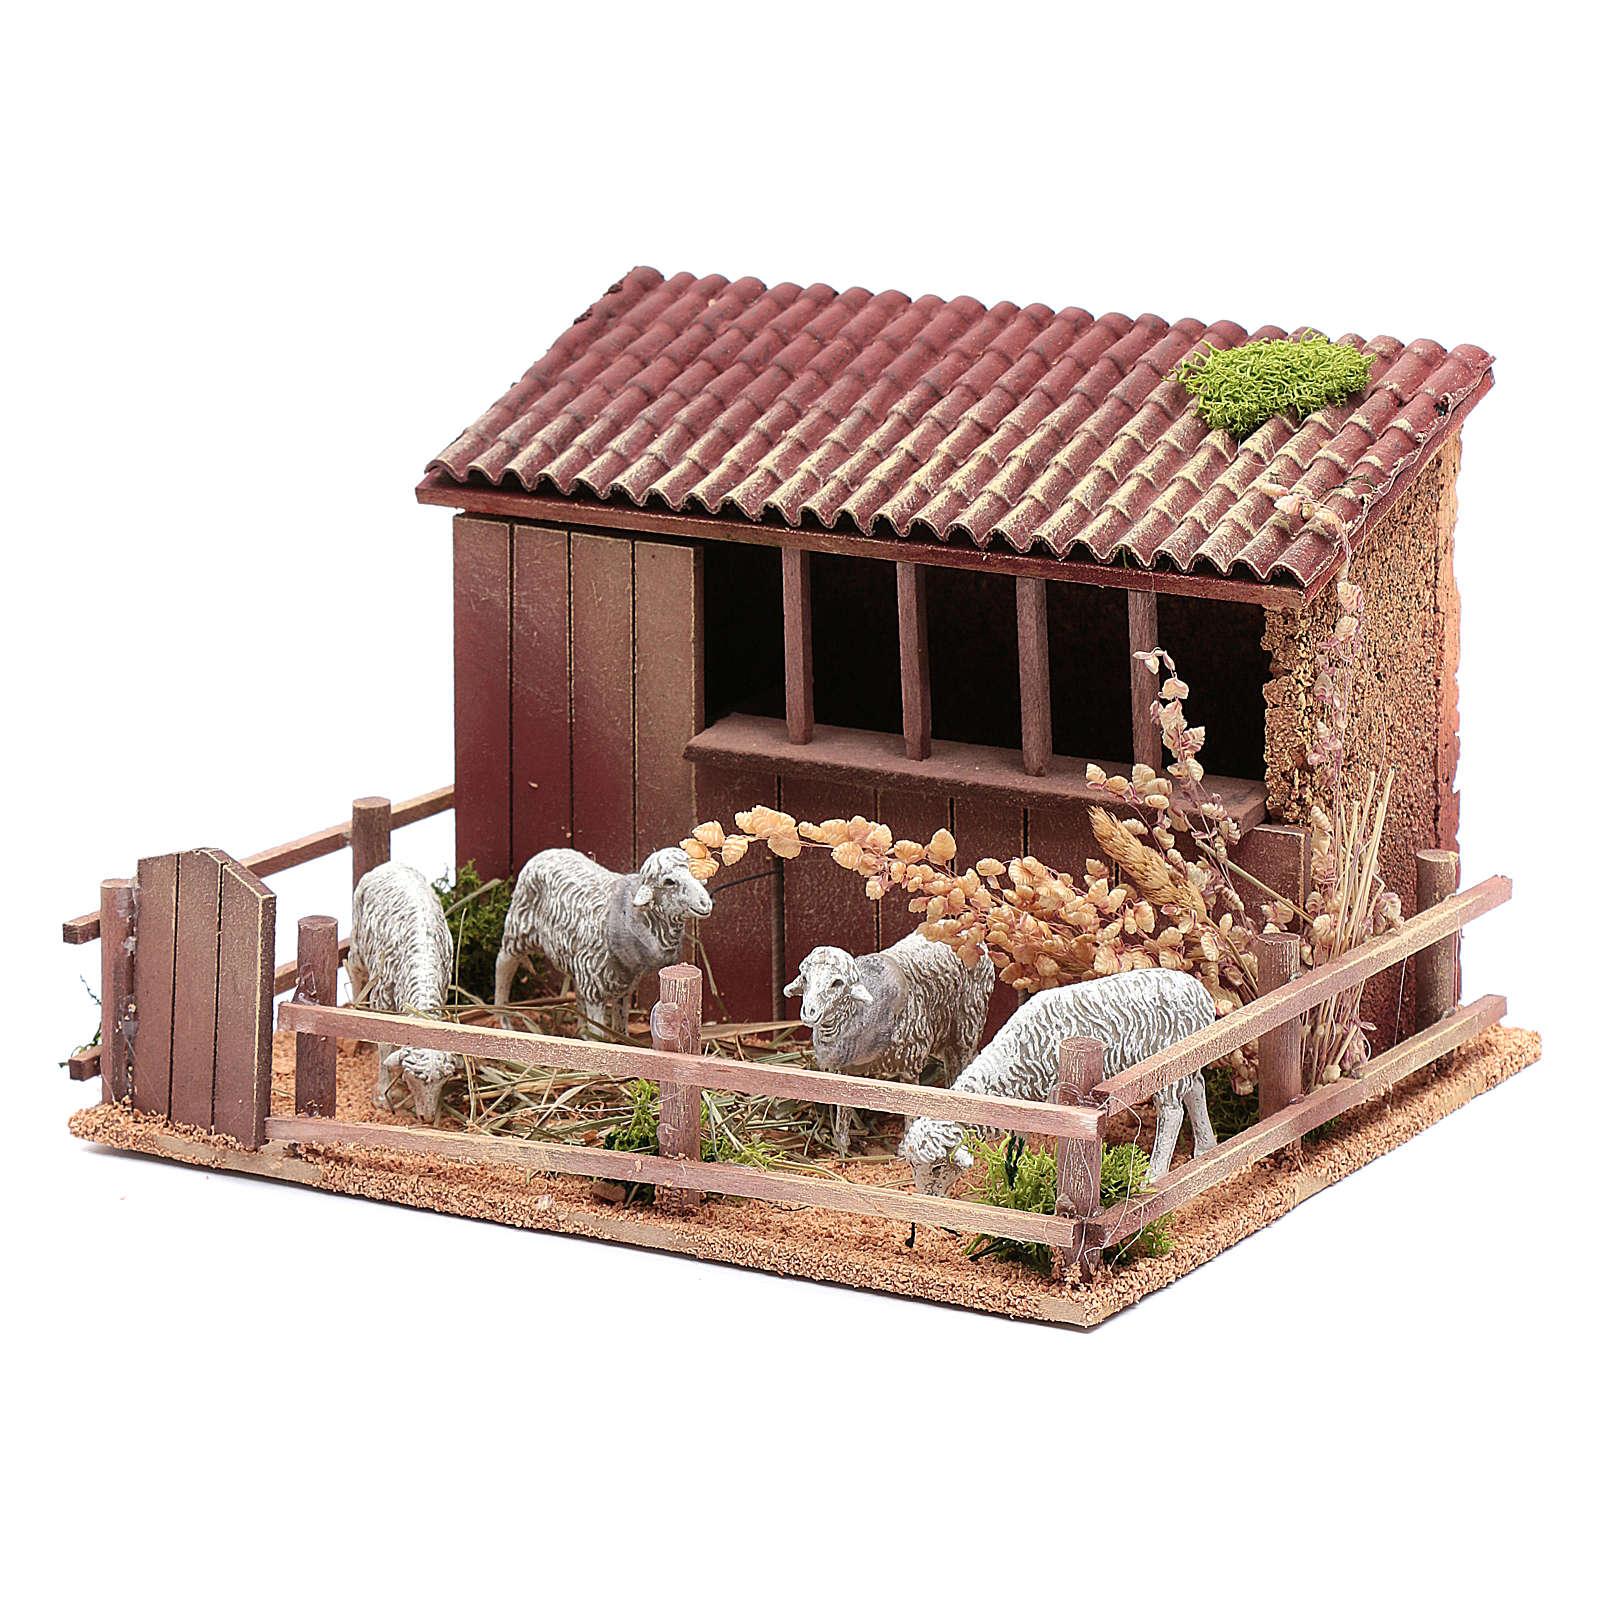 Estábulo com ovelhas em movimento 14,5x23x20 cm 3